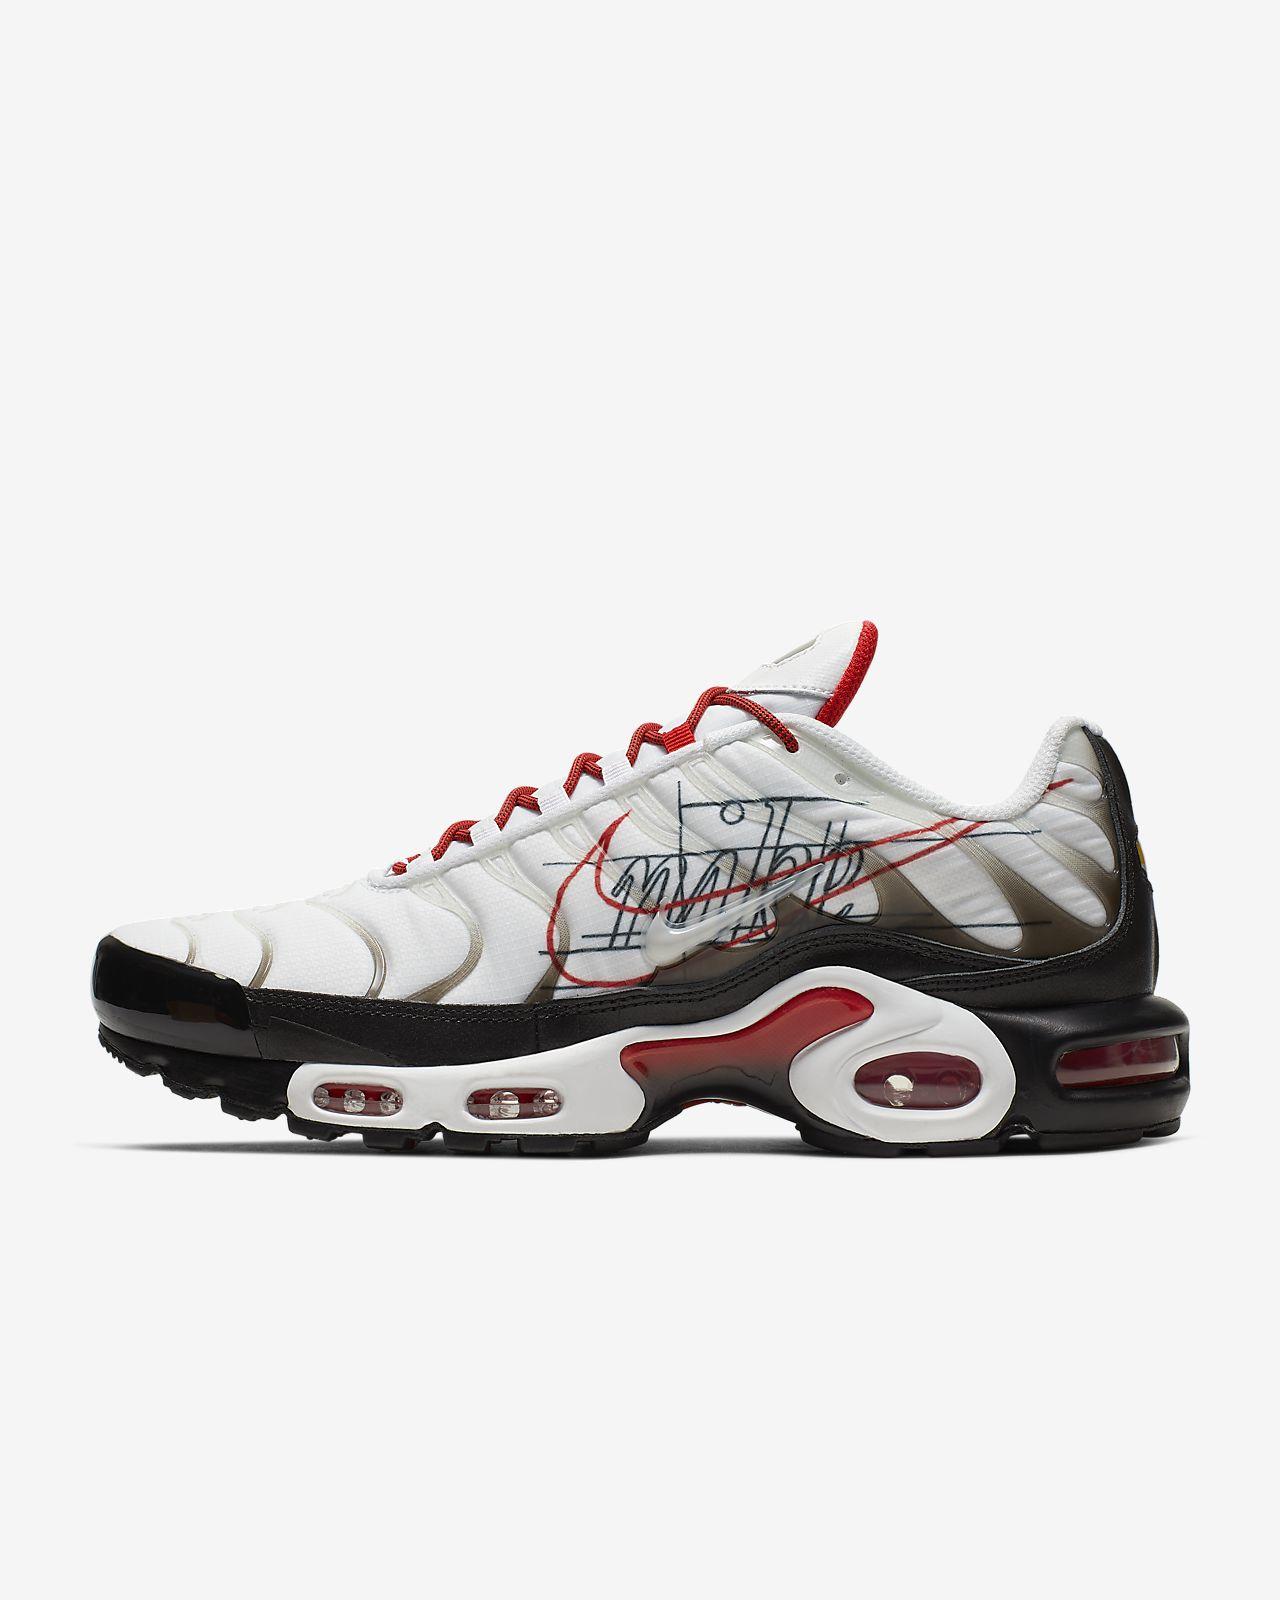 chaussure homme nike air max plus